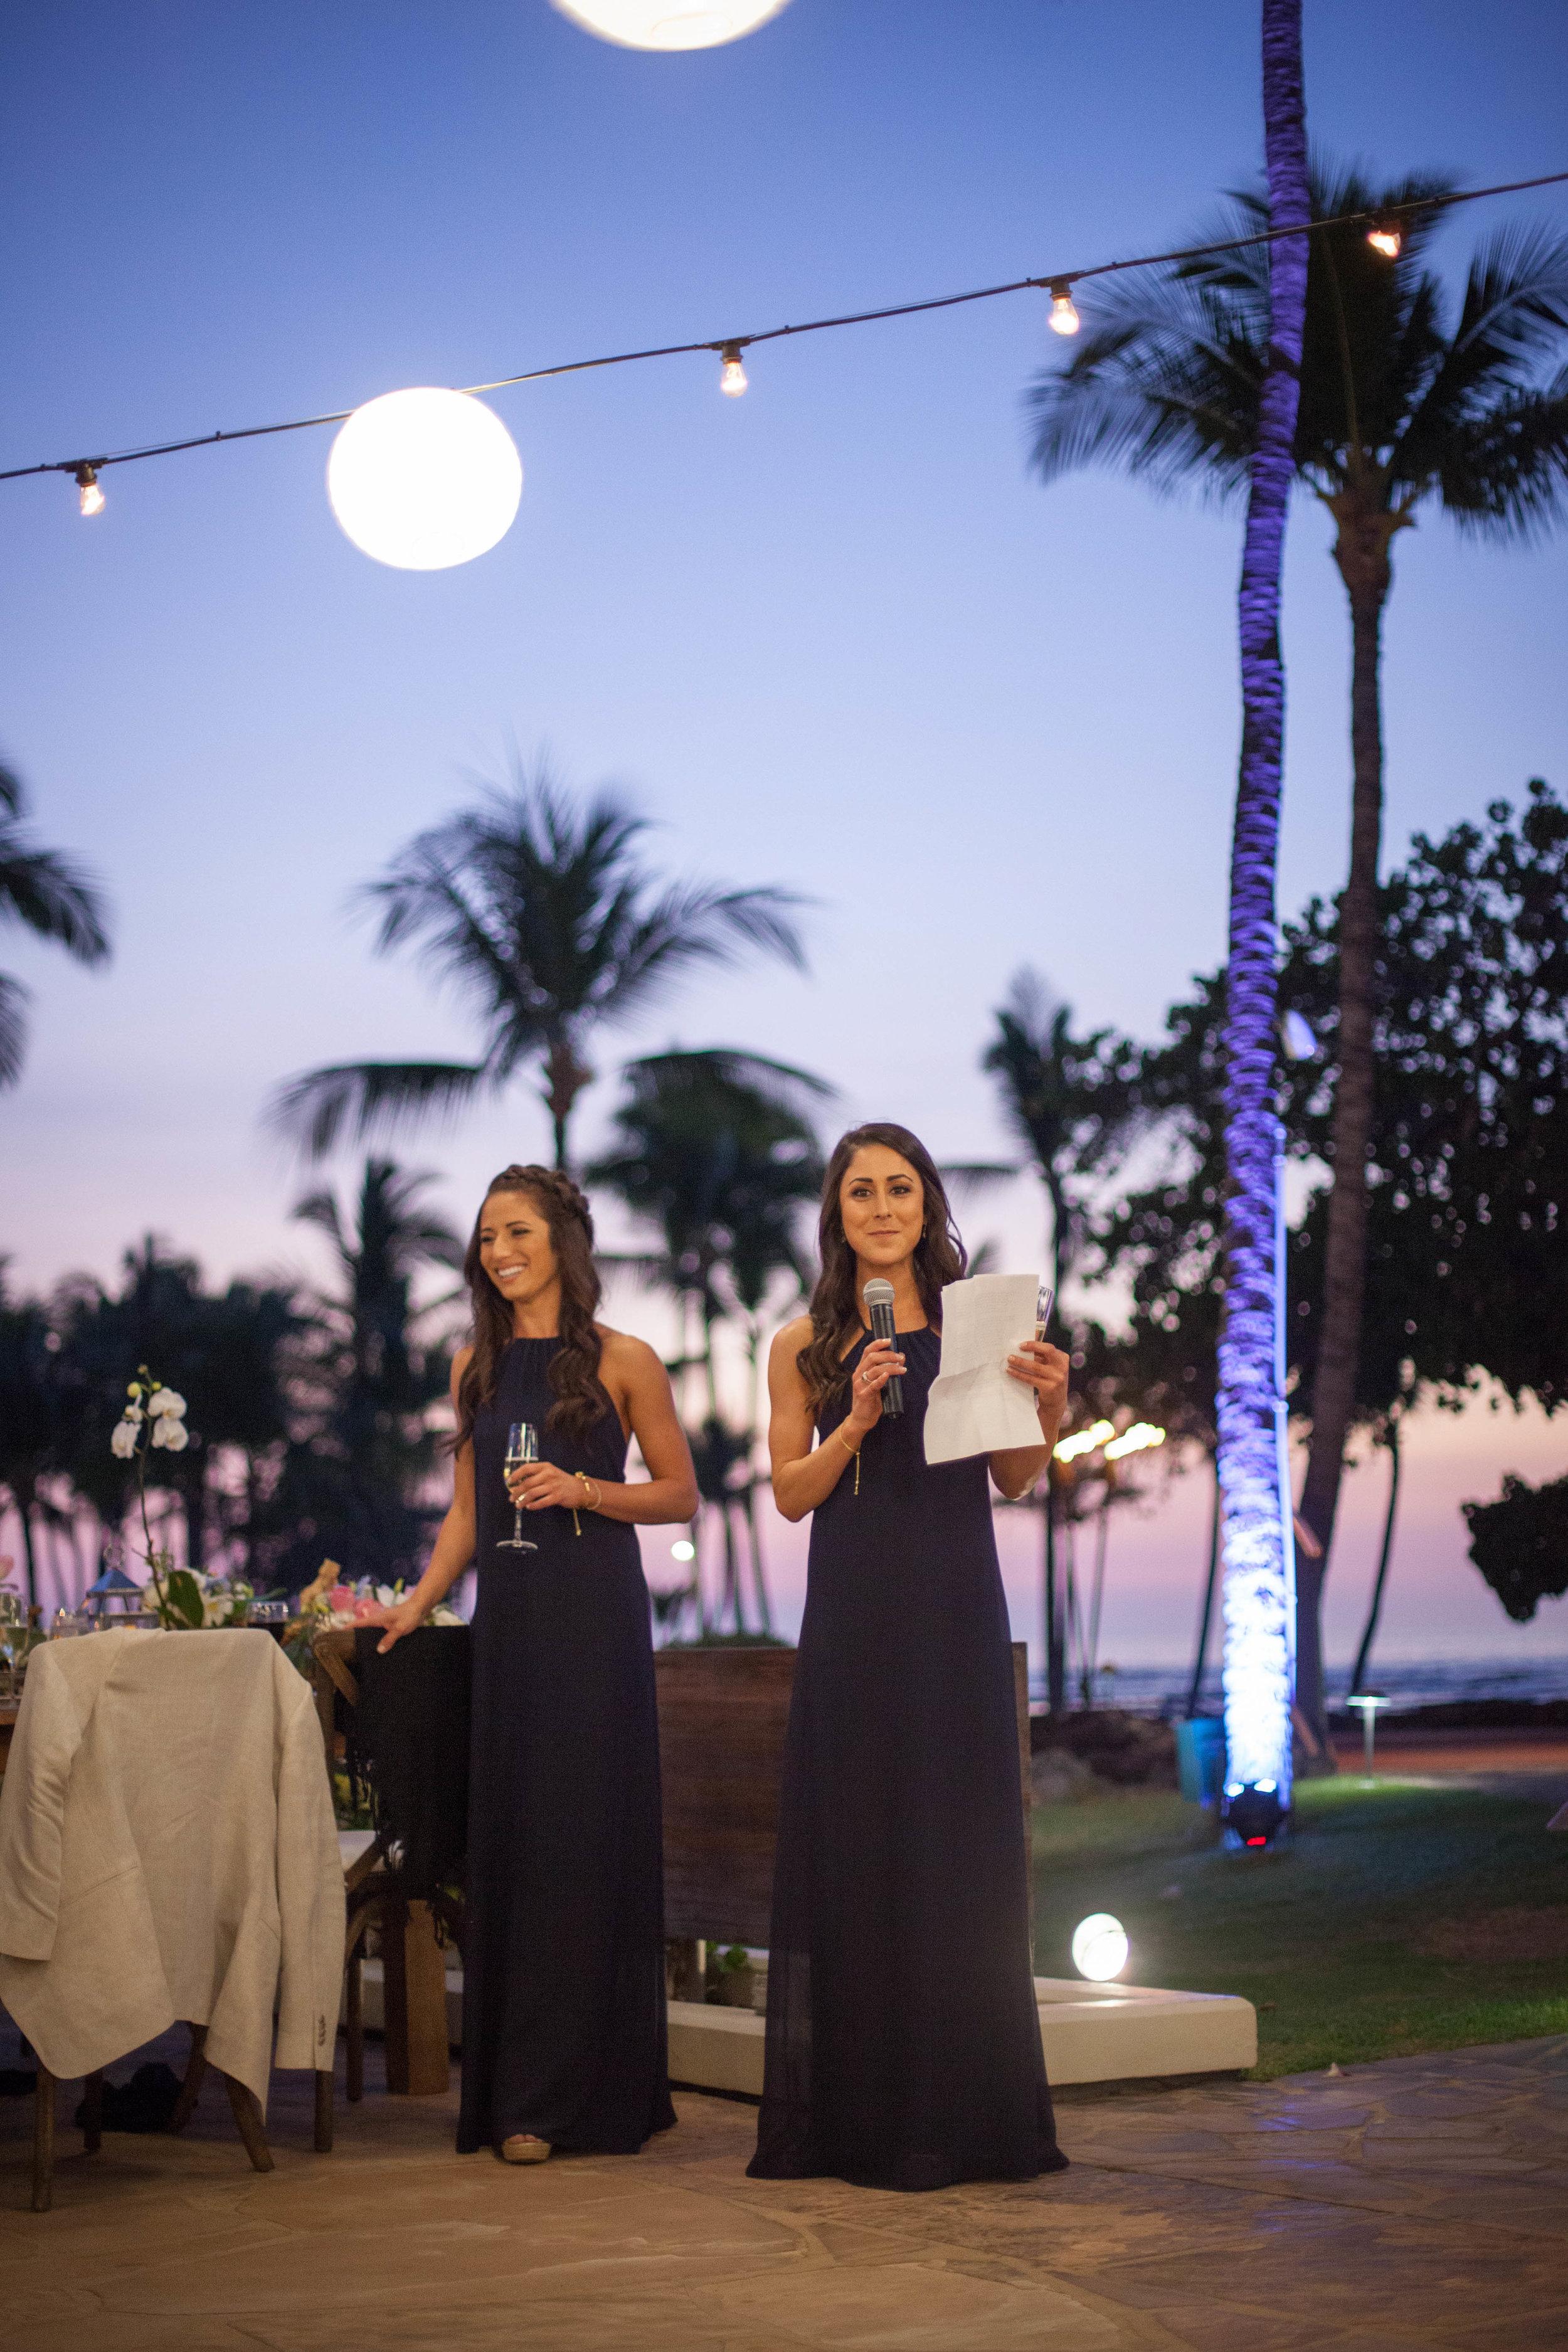 big island hawaii mauna lani resort wedding © kelilina photography 20160131183832-1.jpg